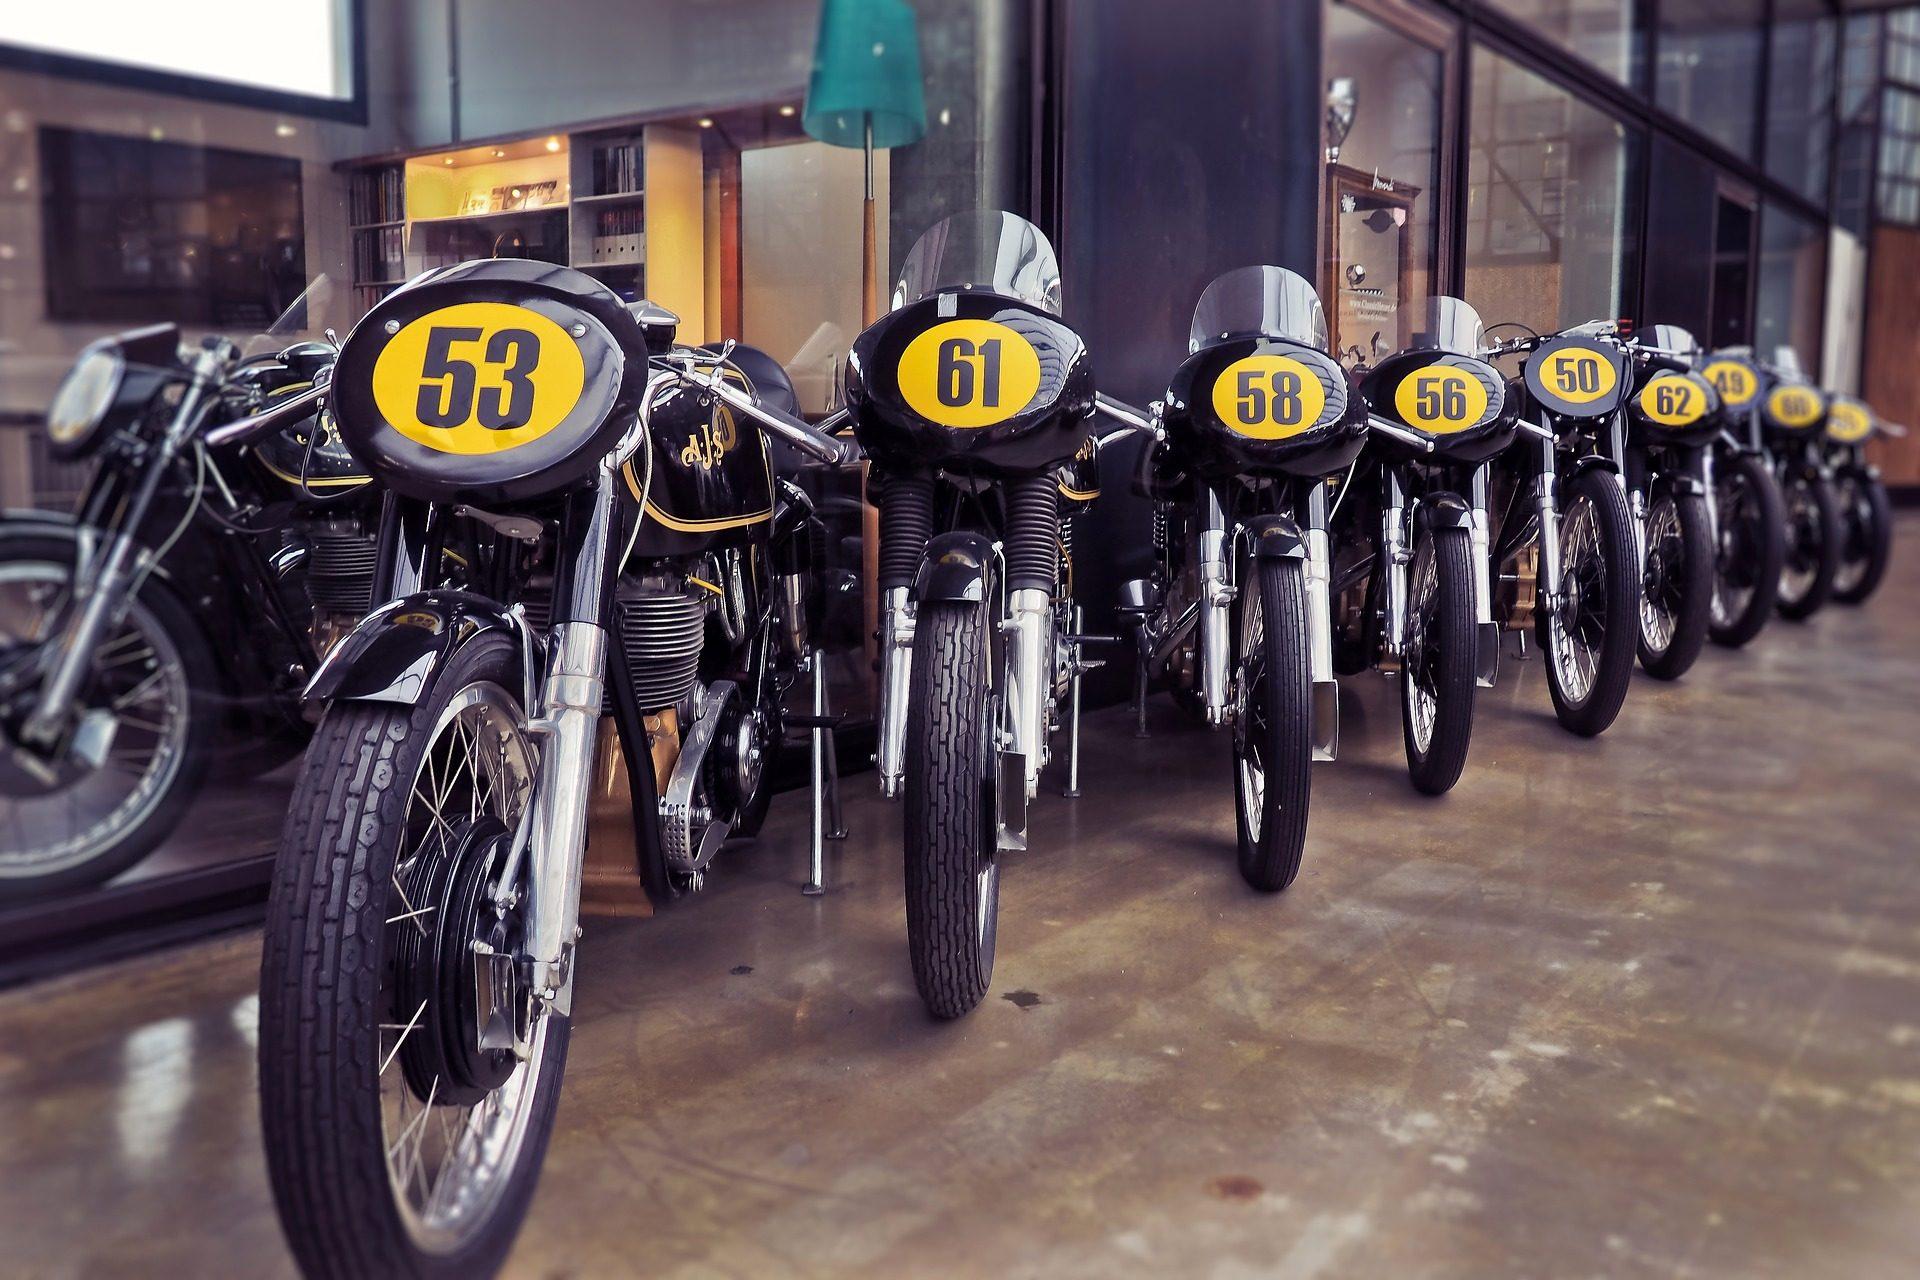 دراجات نارية, دراجة نارية, كلاسيك, القديمة, خمر - خلفيات عالية الدقة - أستاذ falken.com